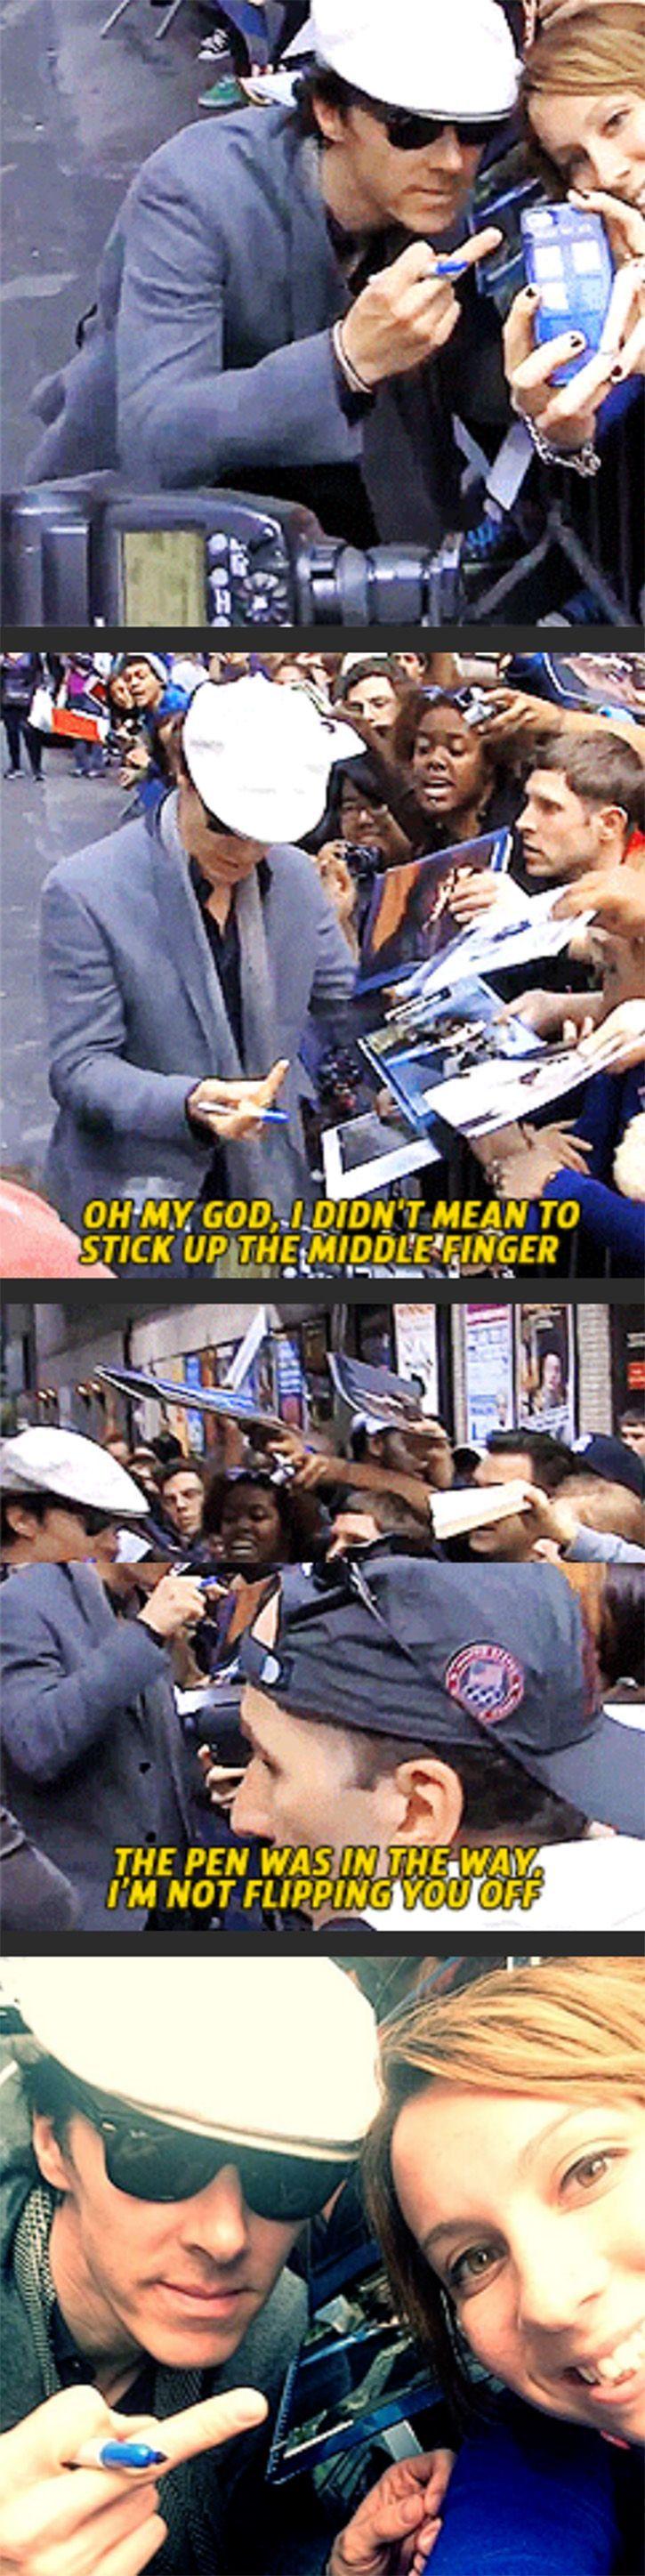 Cumberbatch with his Cumberbitches.